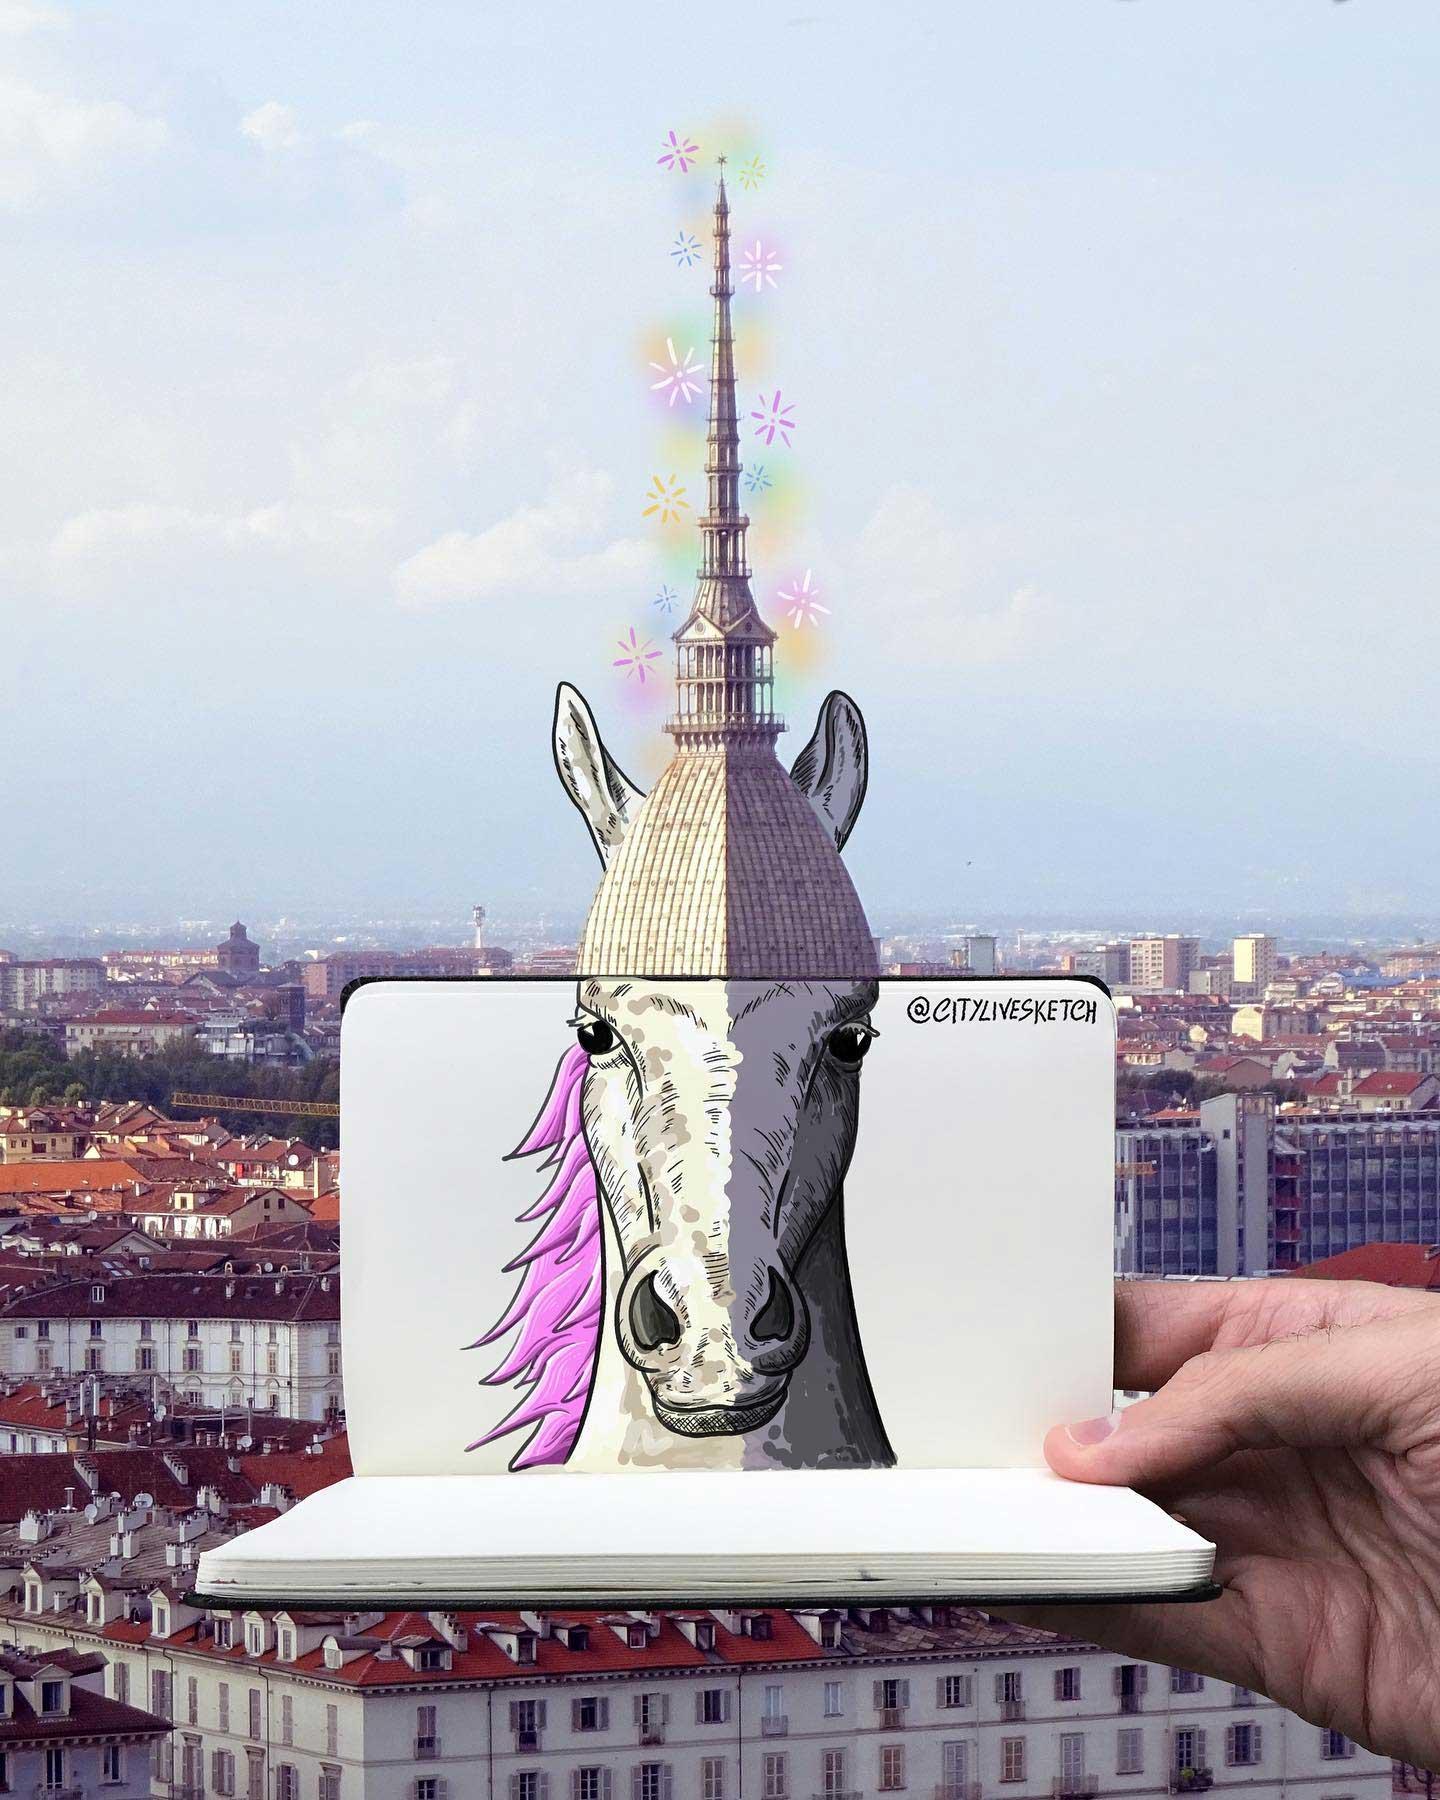 Pietro Cataudella lässt Zeichnungen mit der Realität verschmelzen CityLiveSketch-Pietro-Cataudella_04